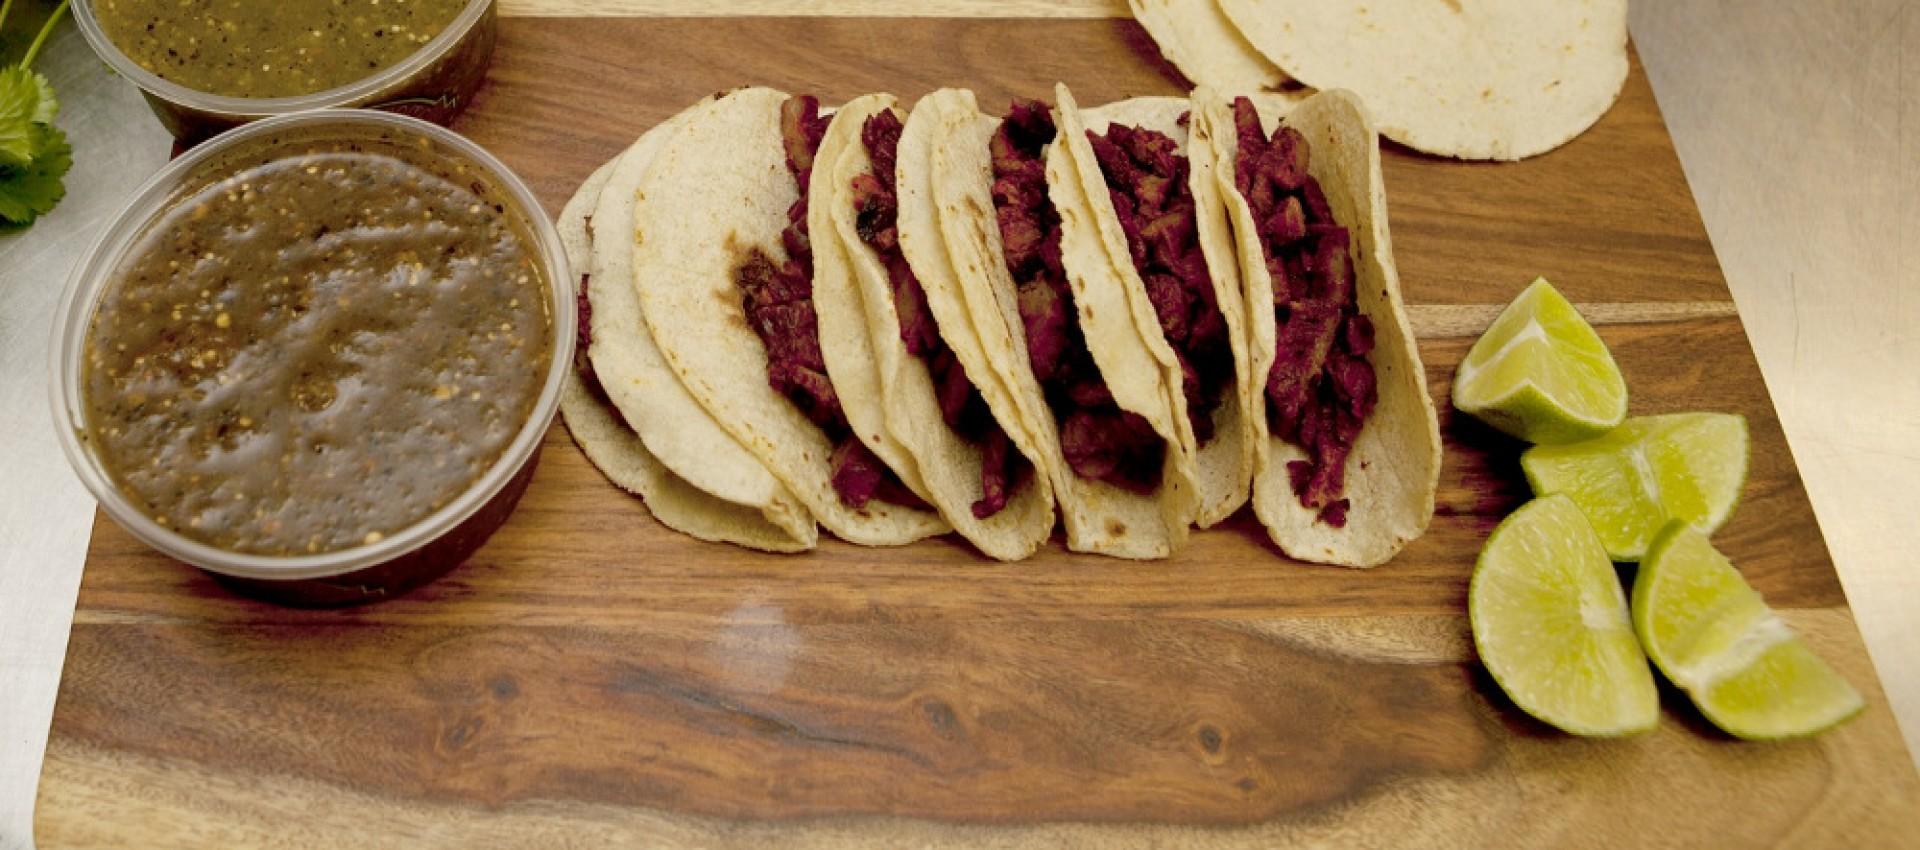 Tacos Al Pastor Image